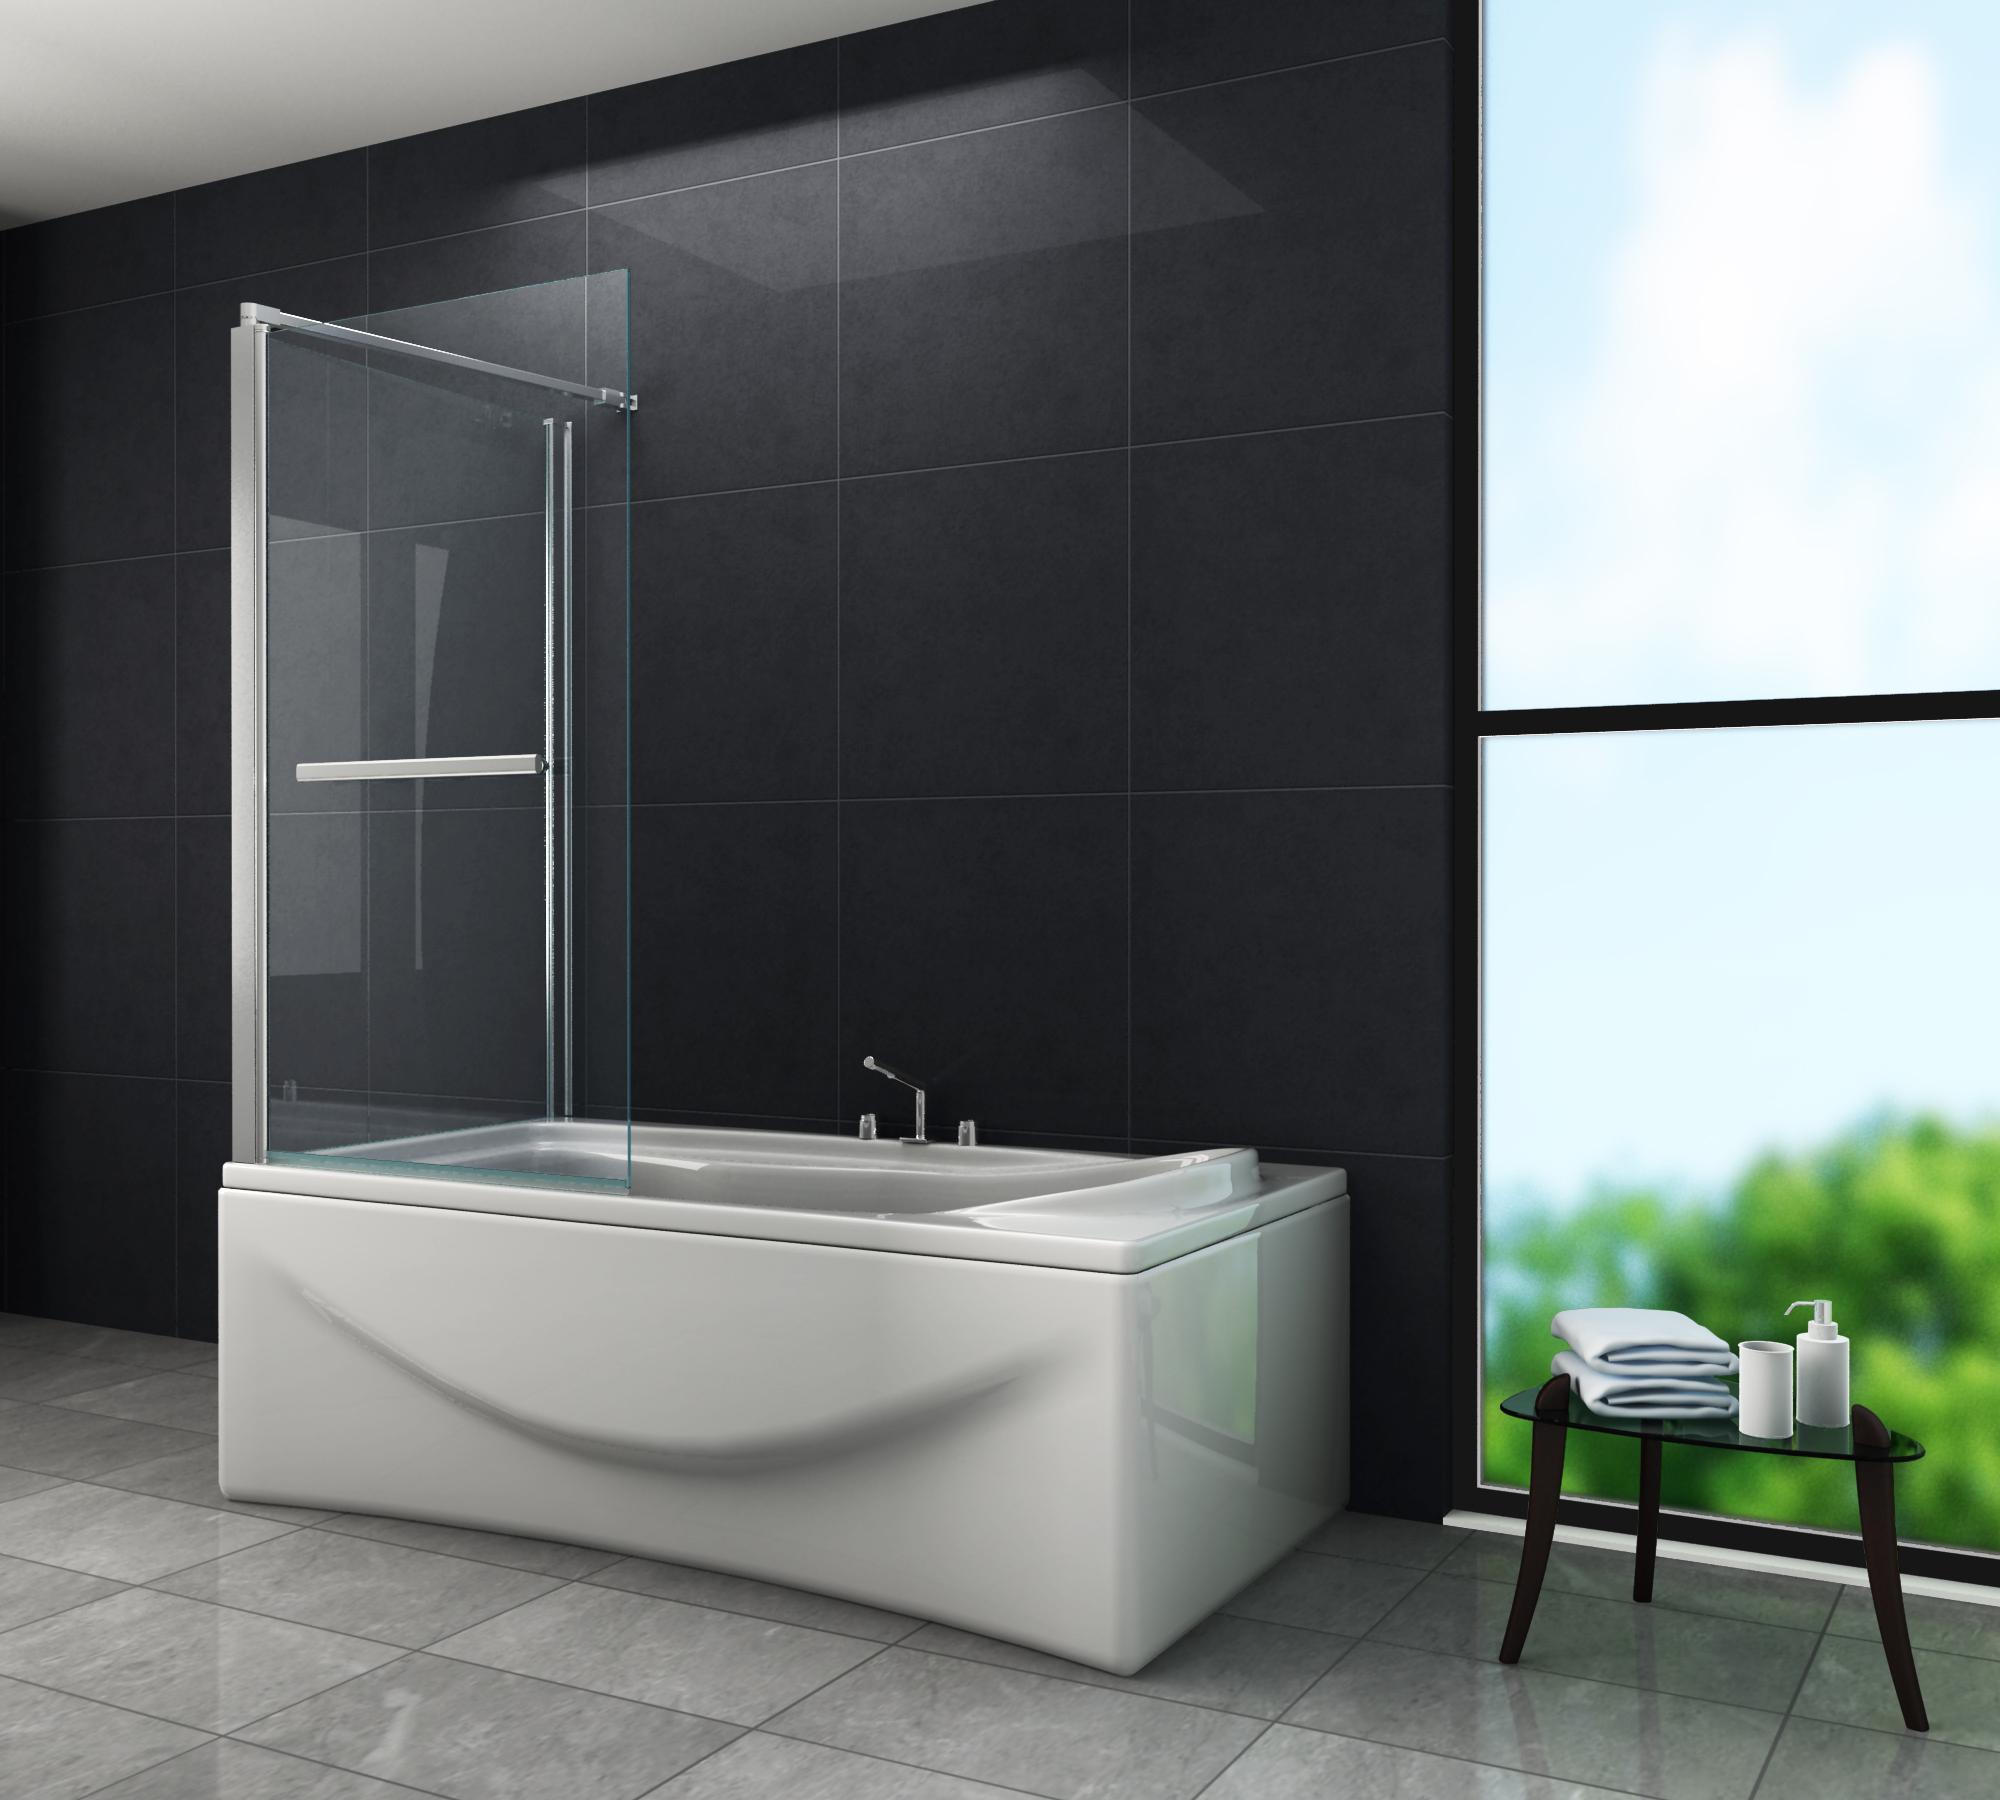 duschtrennwand glas sonstige preisvergleiche. Black Bedroom Furniture Sets. Home Design Ideas